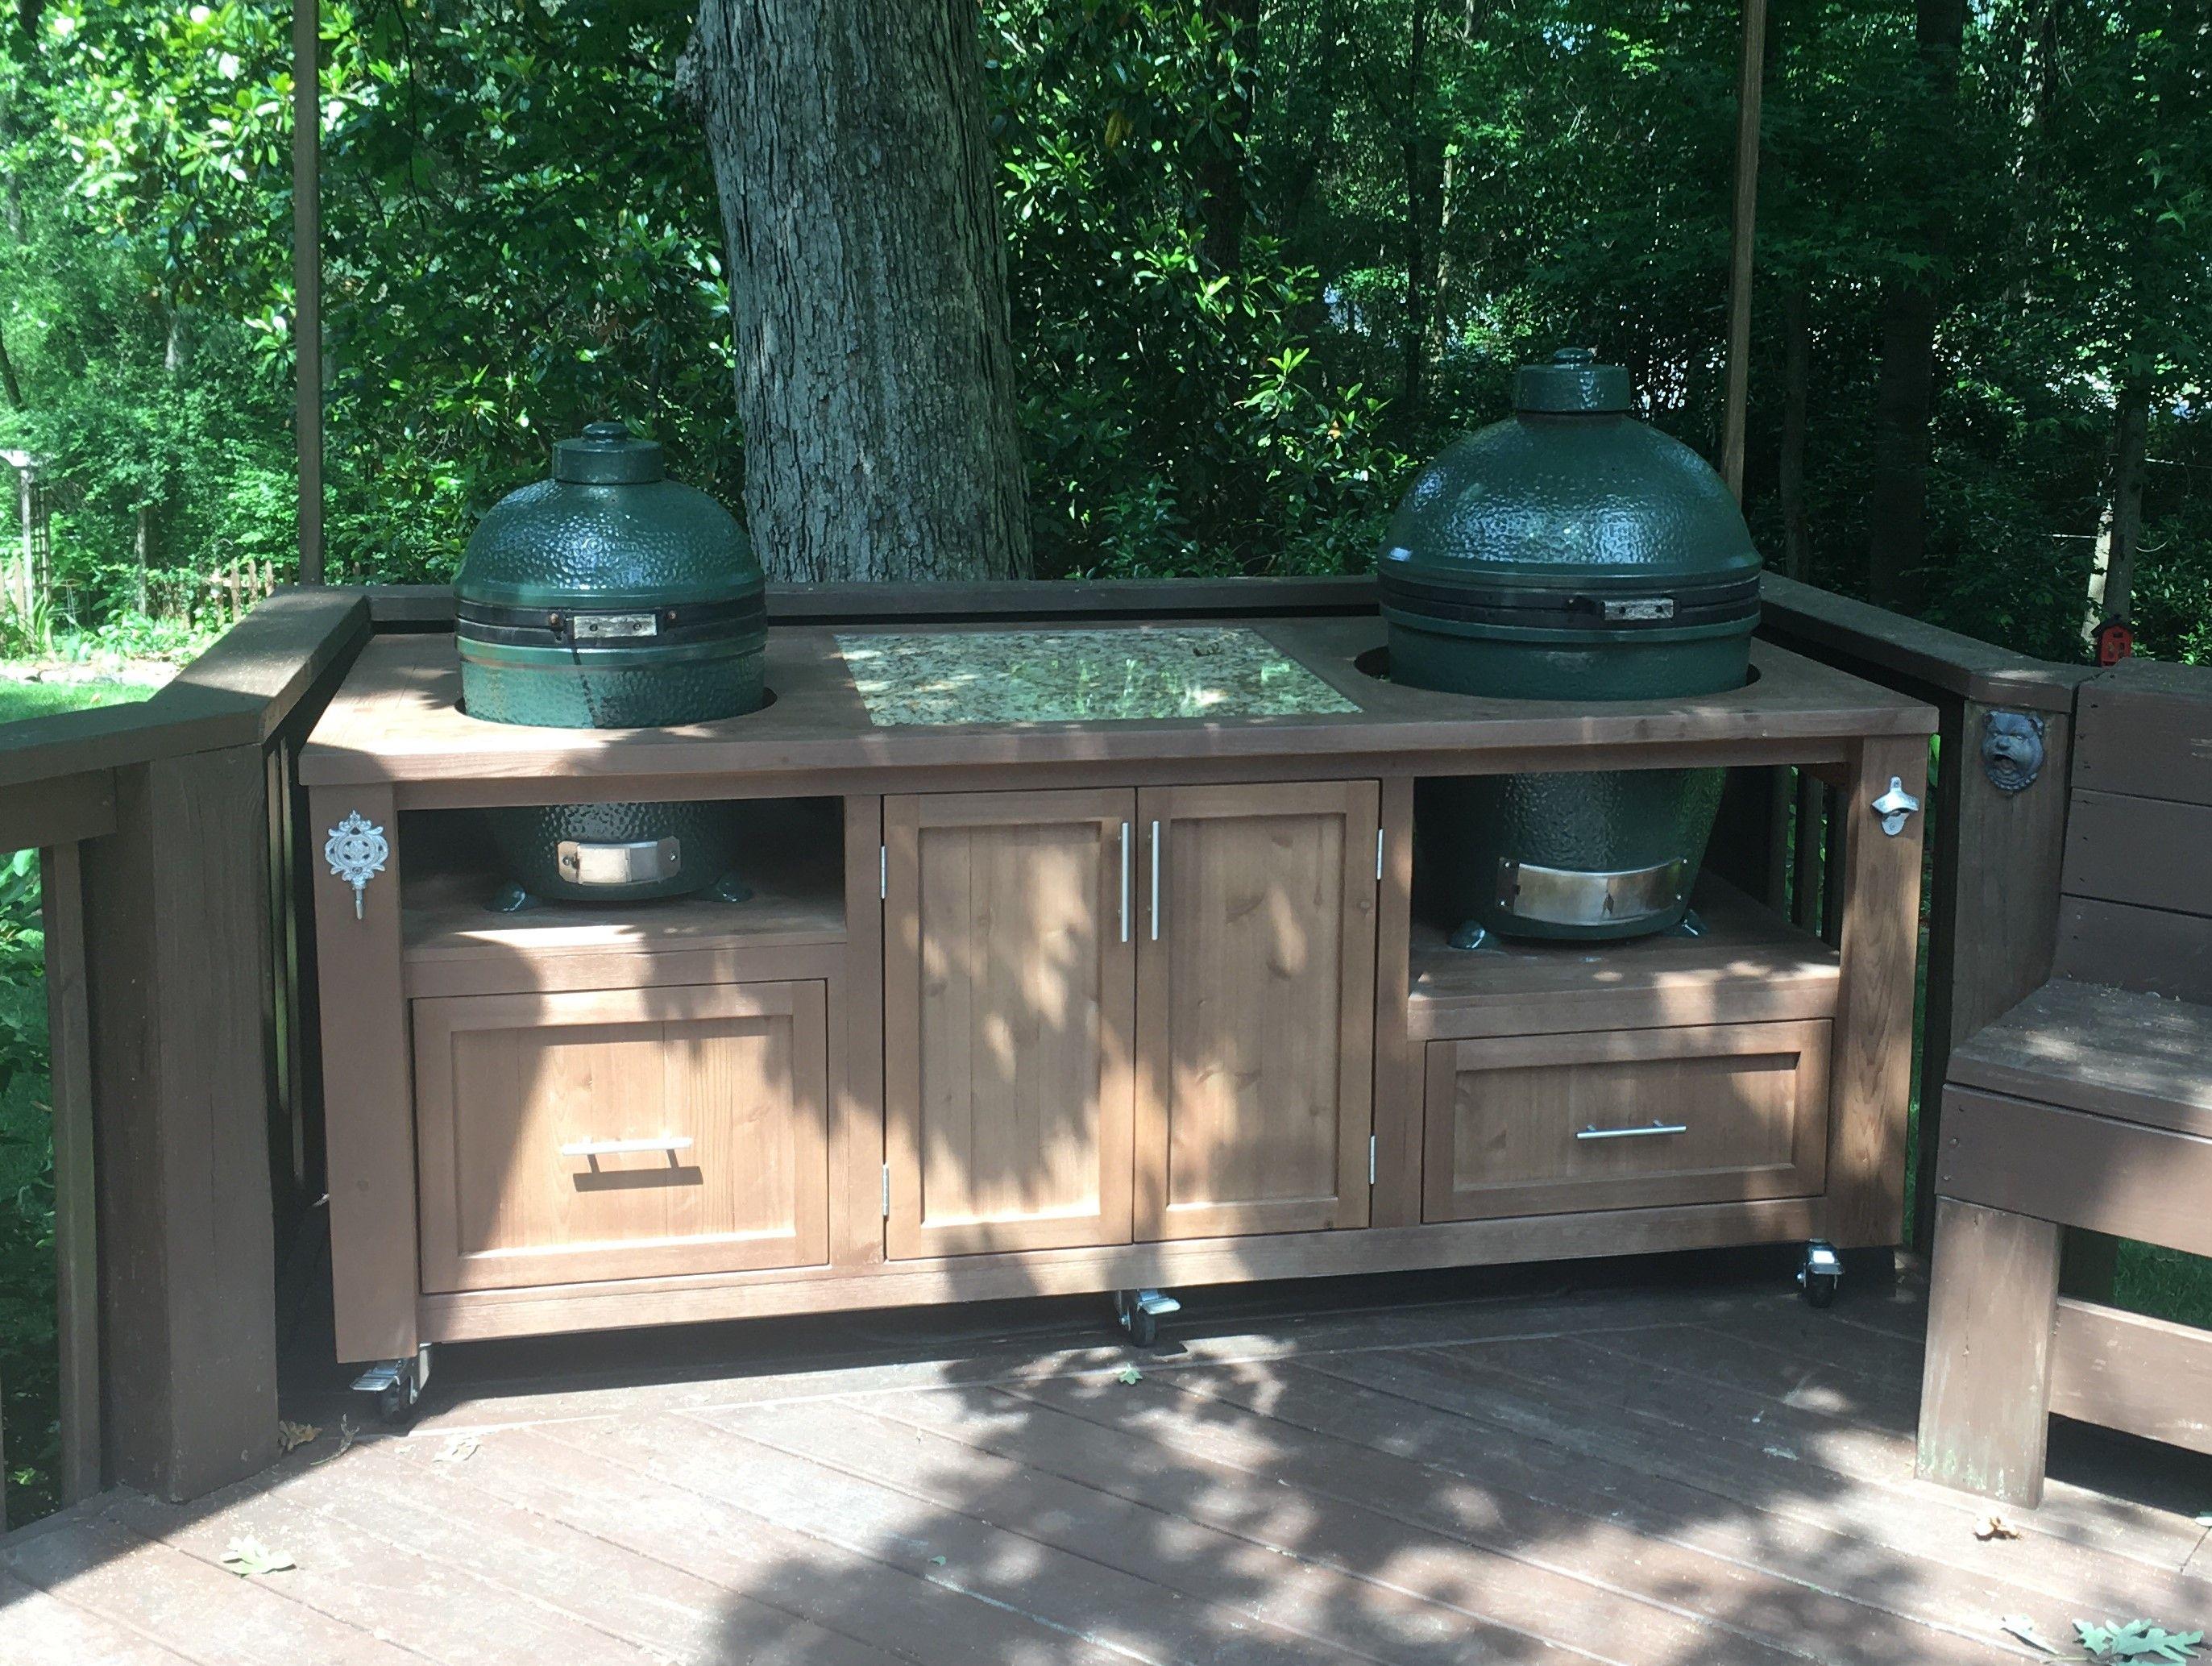 Dual Big Green Egg Table Can Be Make For Kamado Joe Primo Or More Big Green Egg Outdoor Kitchen Outdoor Kitchen Grill Outdoor Kitchen